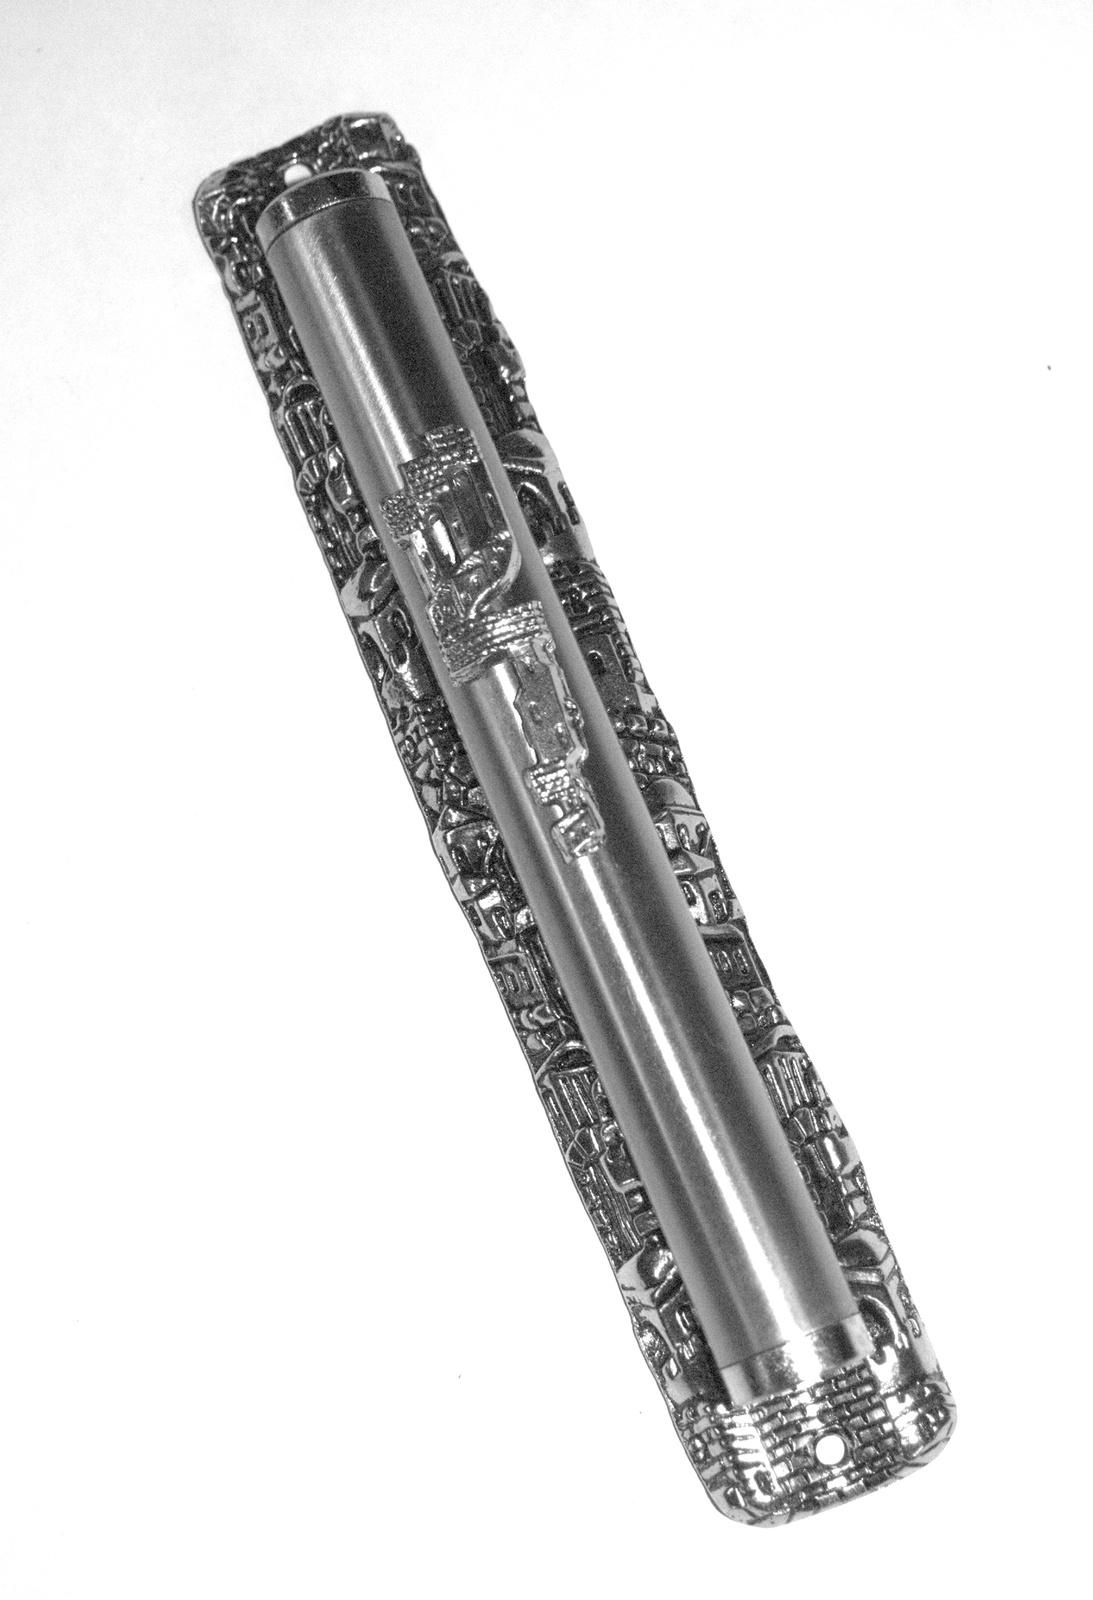 X7jm1016.orf